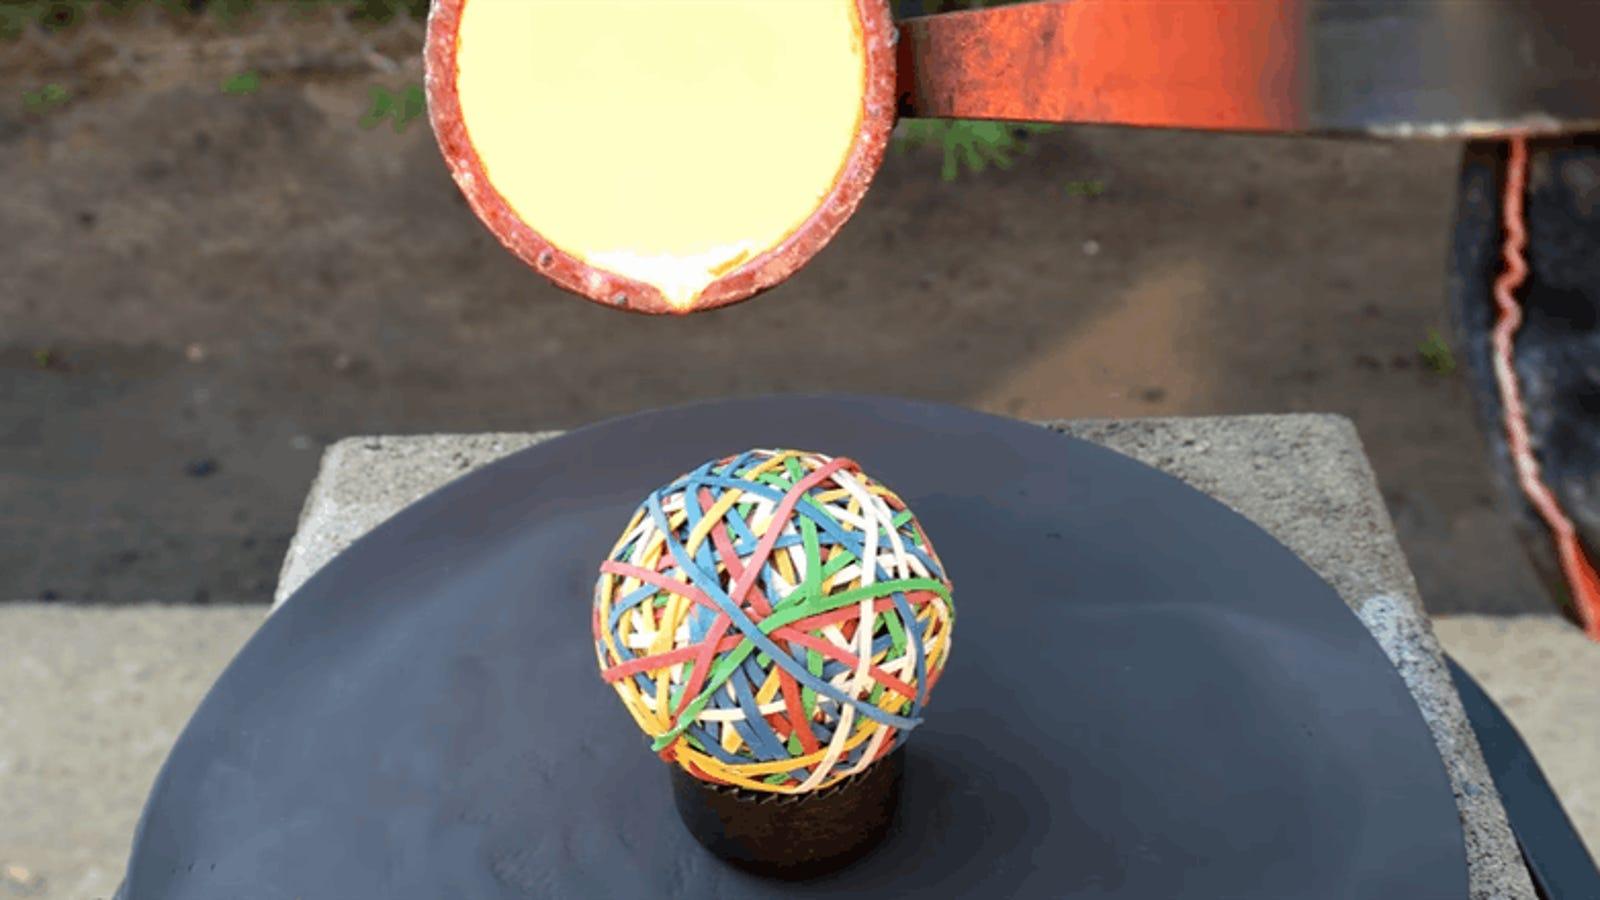 Esto es lo que sucede cuando viertes cobre fundido sobre una pelota de gomas elásticas